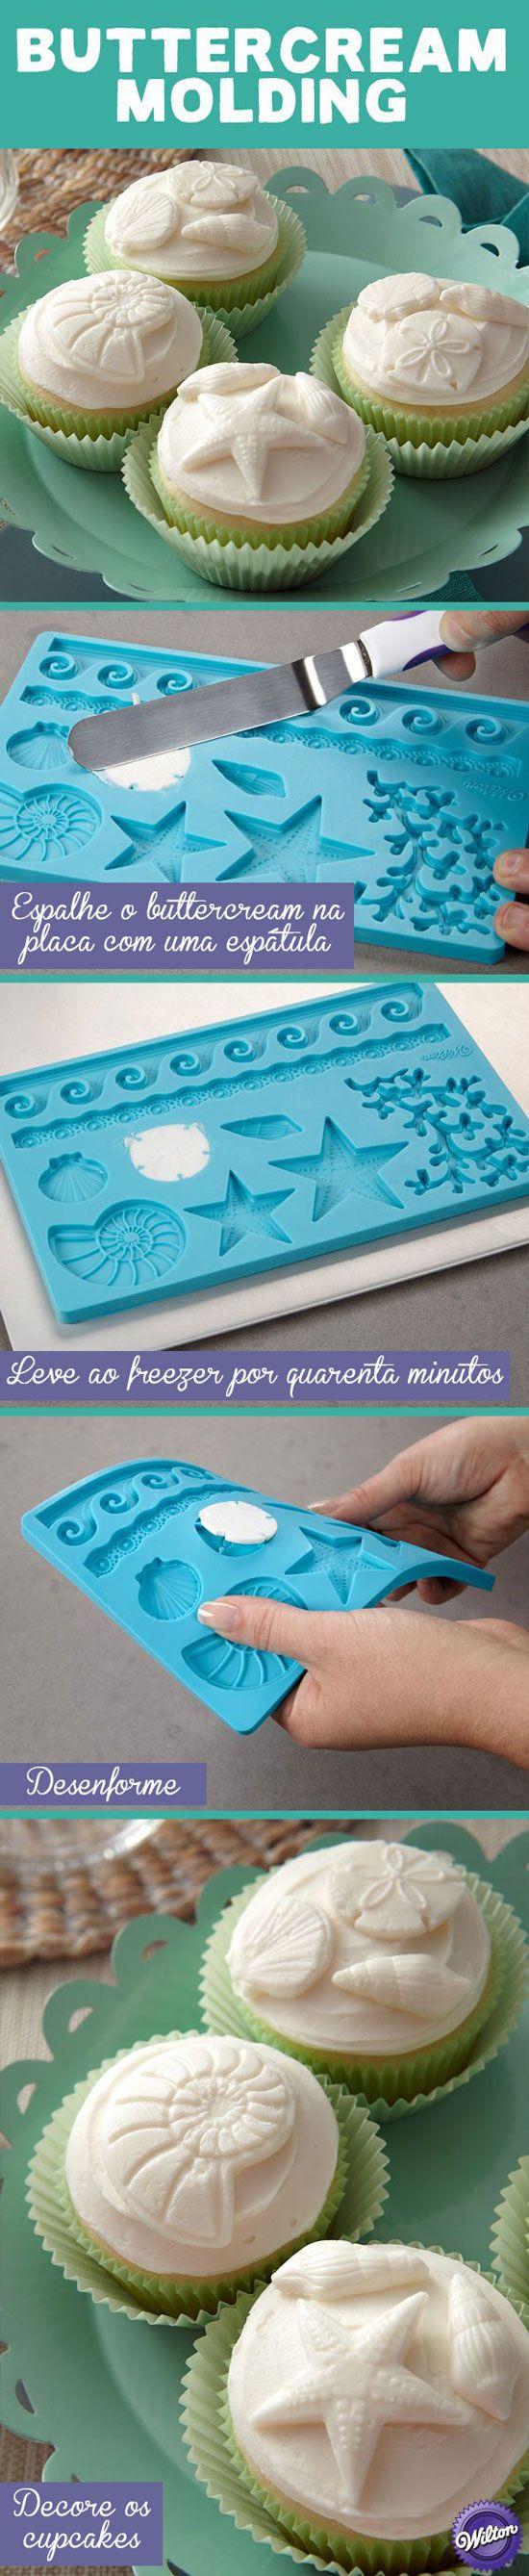 BarraDoce.com.br - Confeitaria, Cupcakes, Bolos Decorados, Docinhos e Forminhas